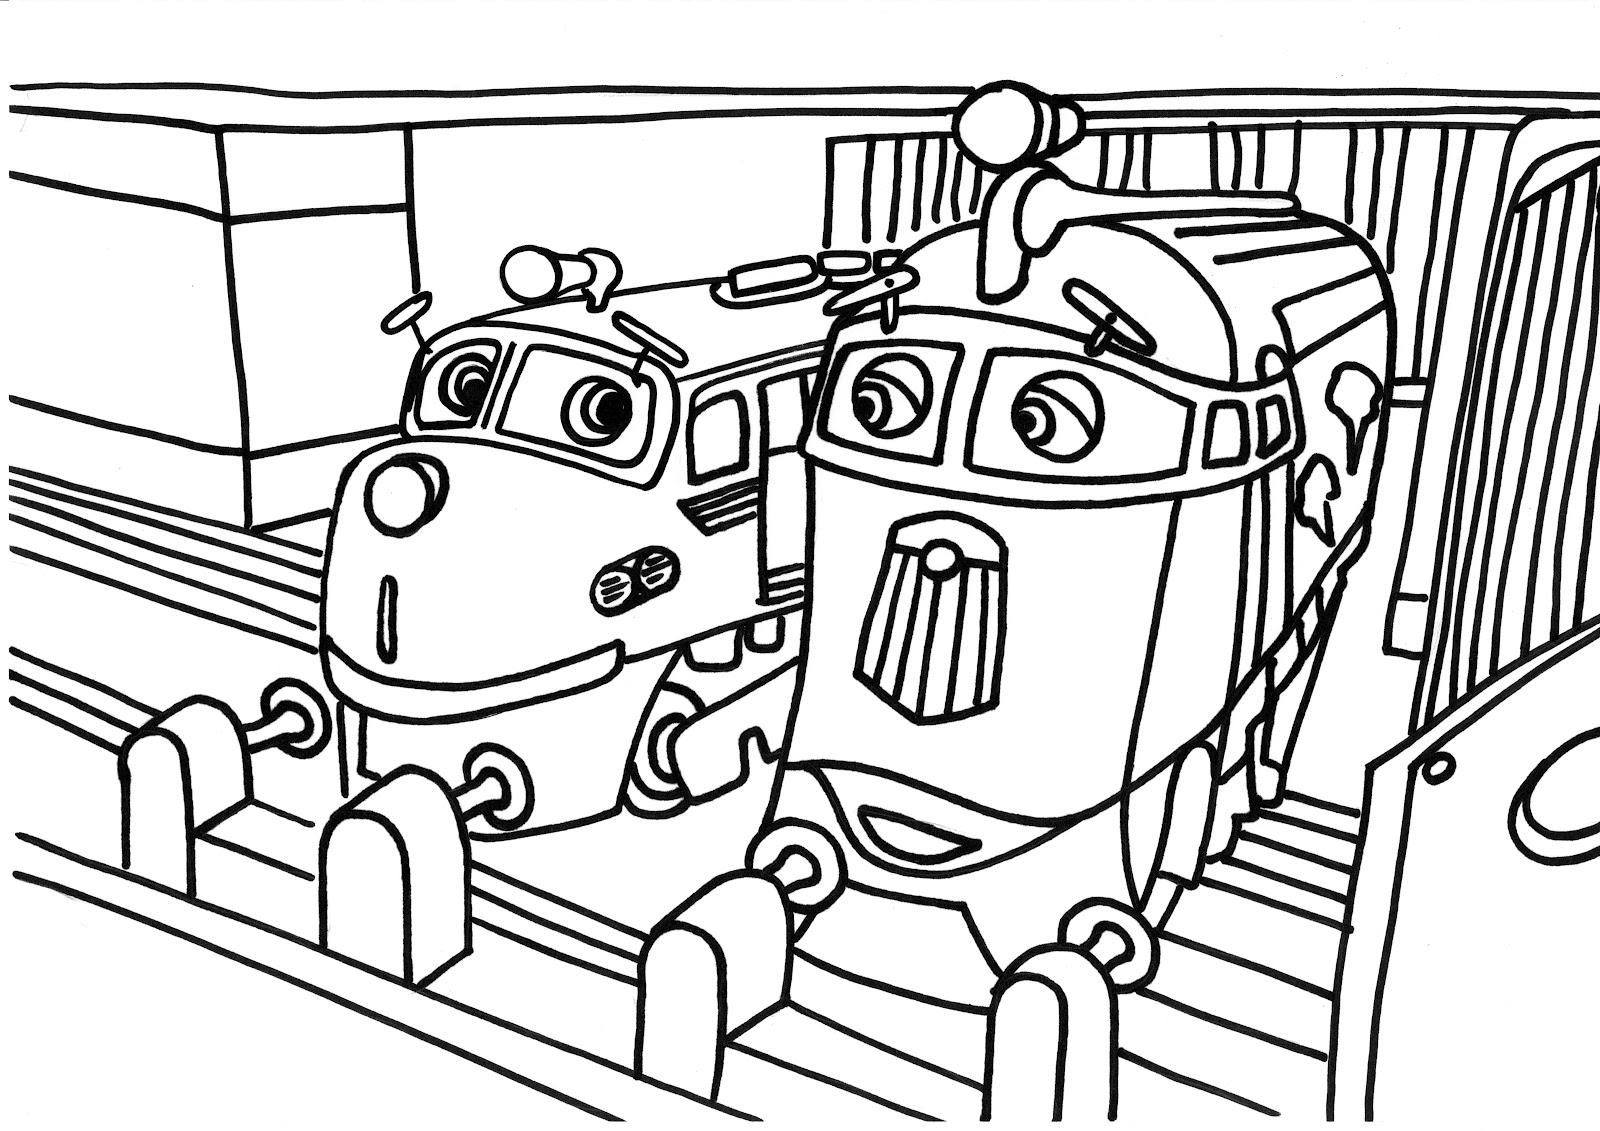 Colora un treno: Chuggington - Frostini & Wilson